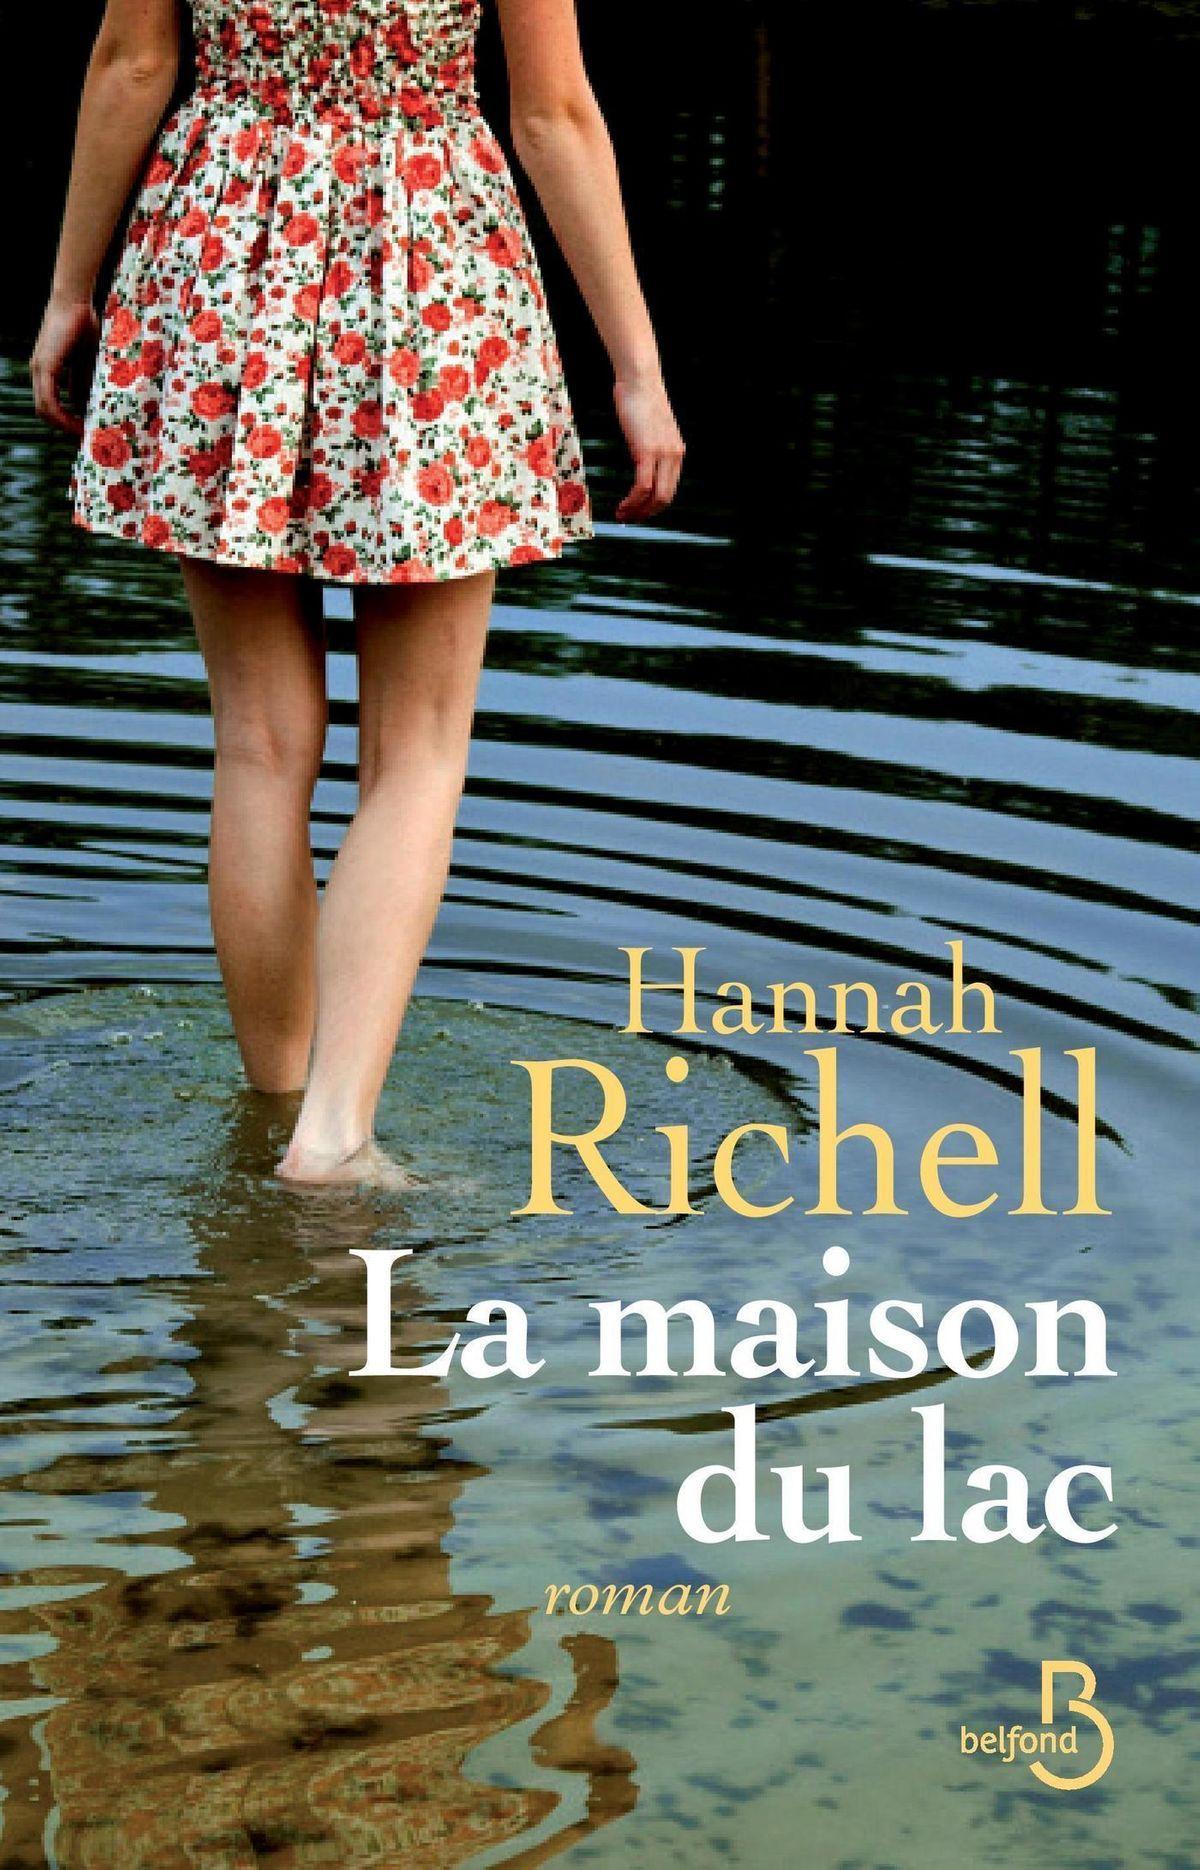 La Maison Du Lac Ebook By Hannah Richell Rakuten Kobo Maison Du Lac Daphne Du Maurier Gens Heureux